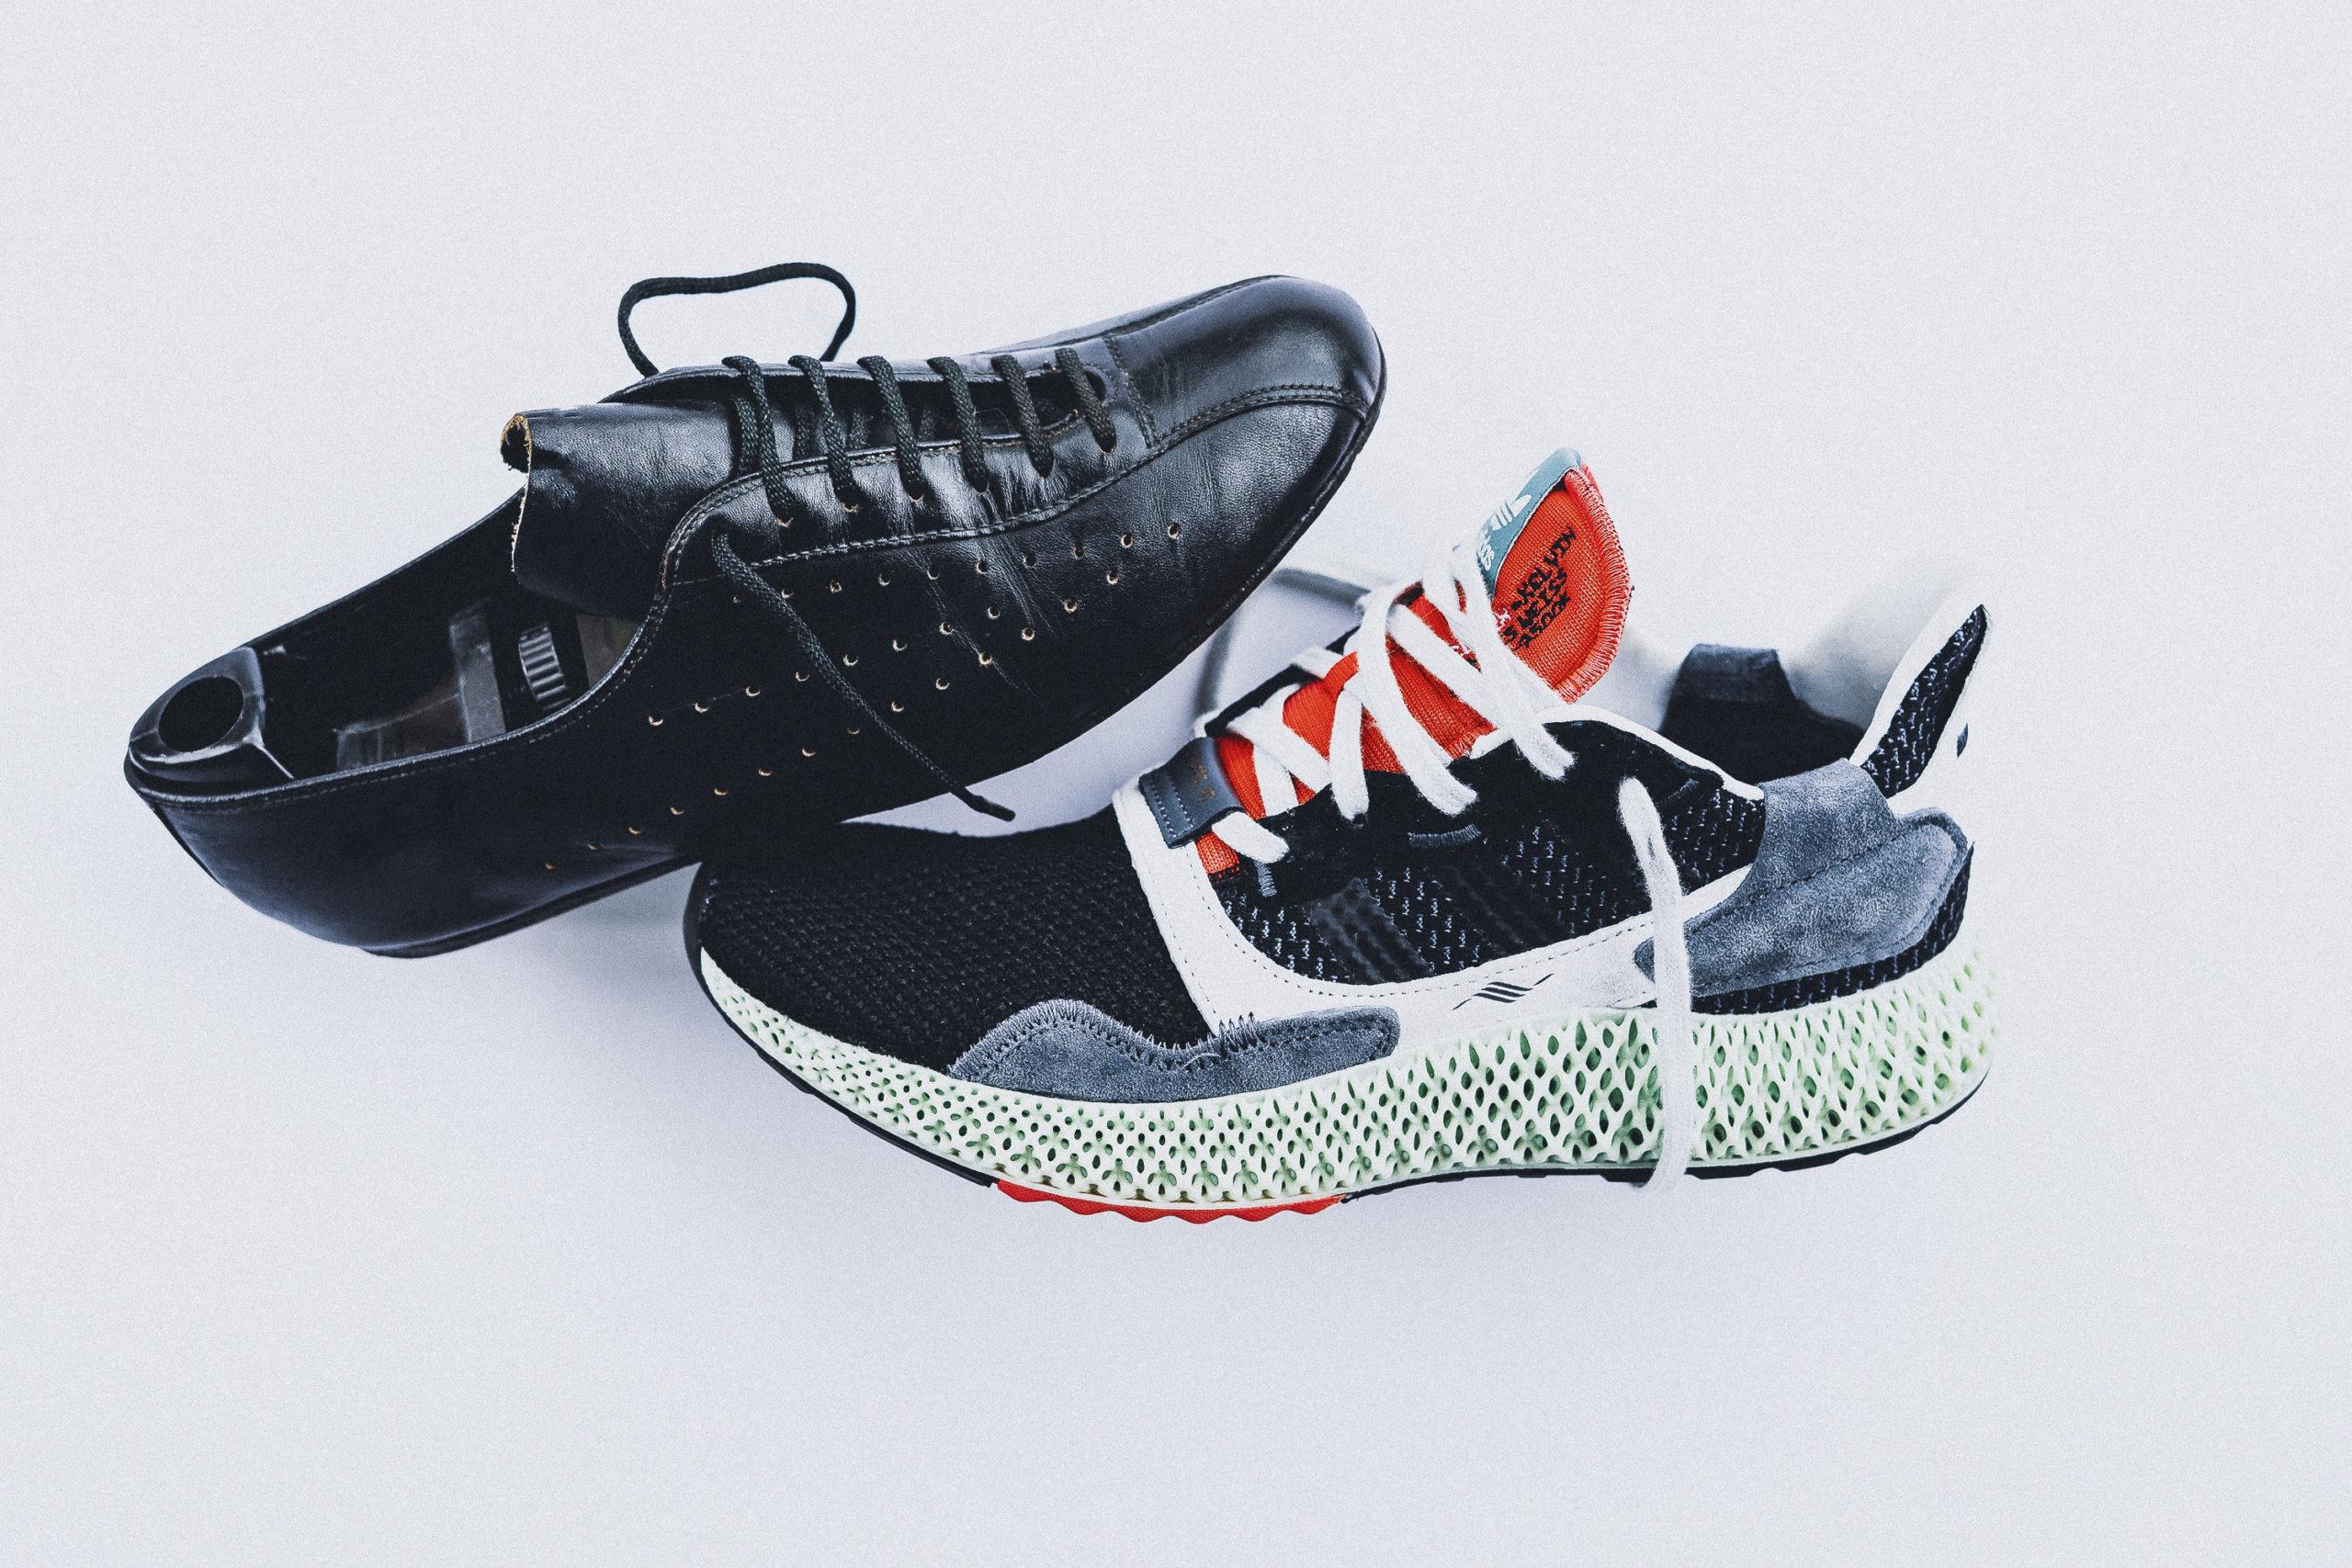 LE SAVIEZ-VOUS… Les premières chaussures de sport ont vu le jour en 1868